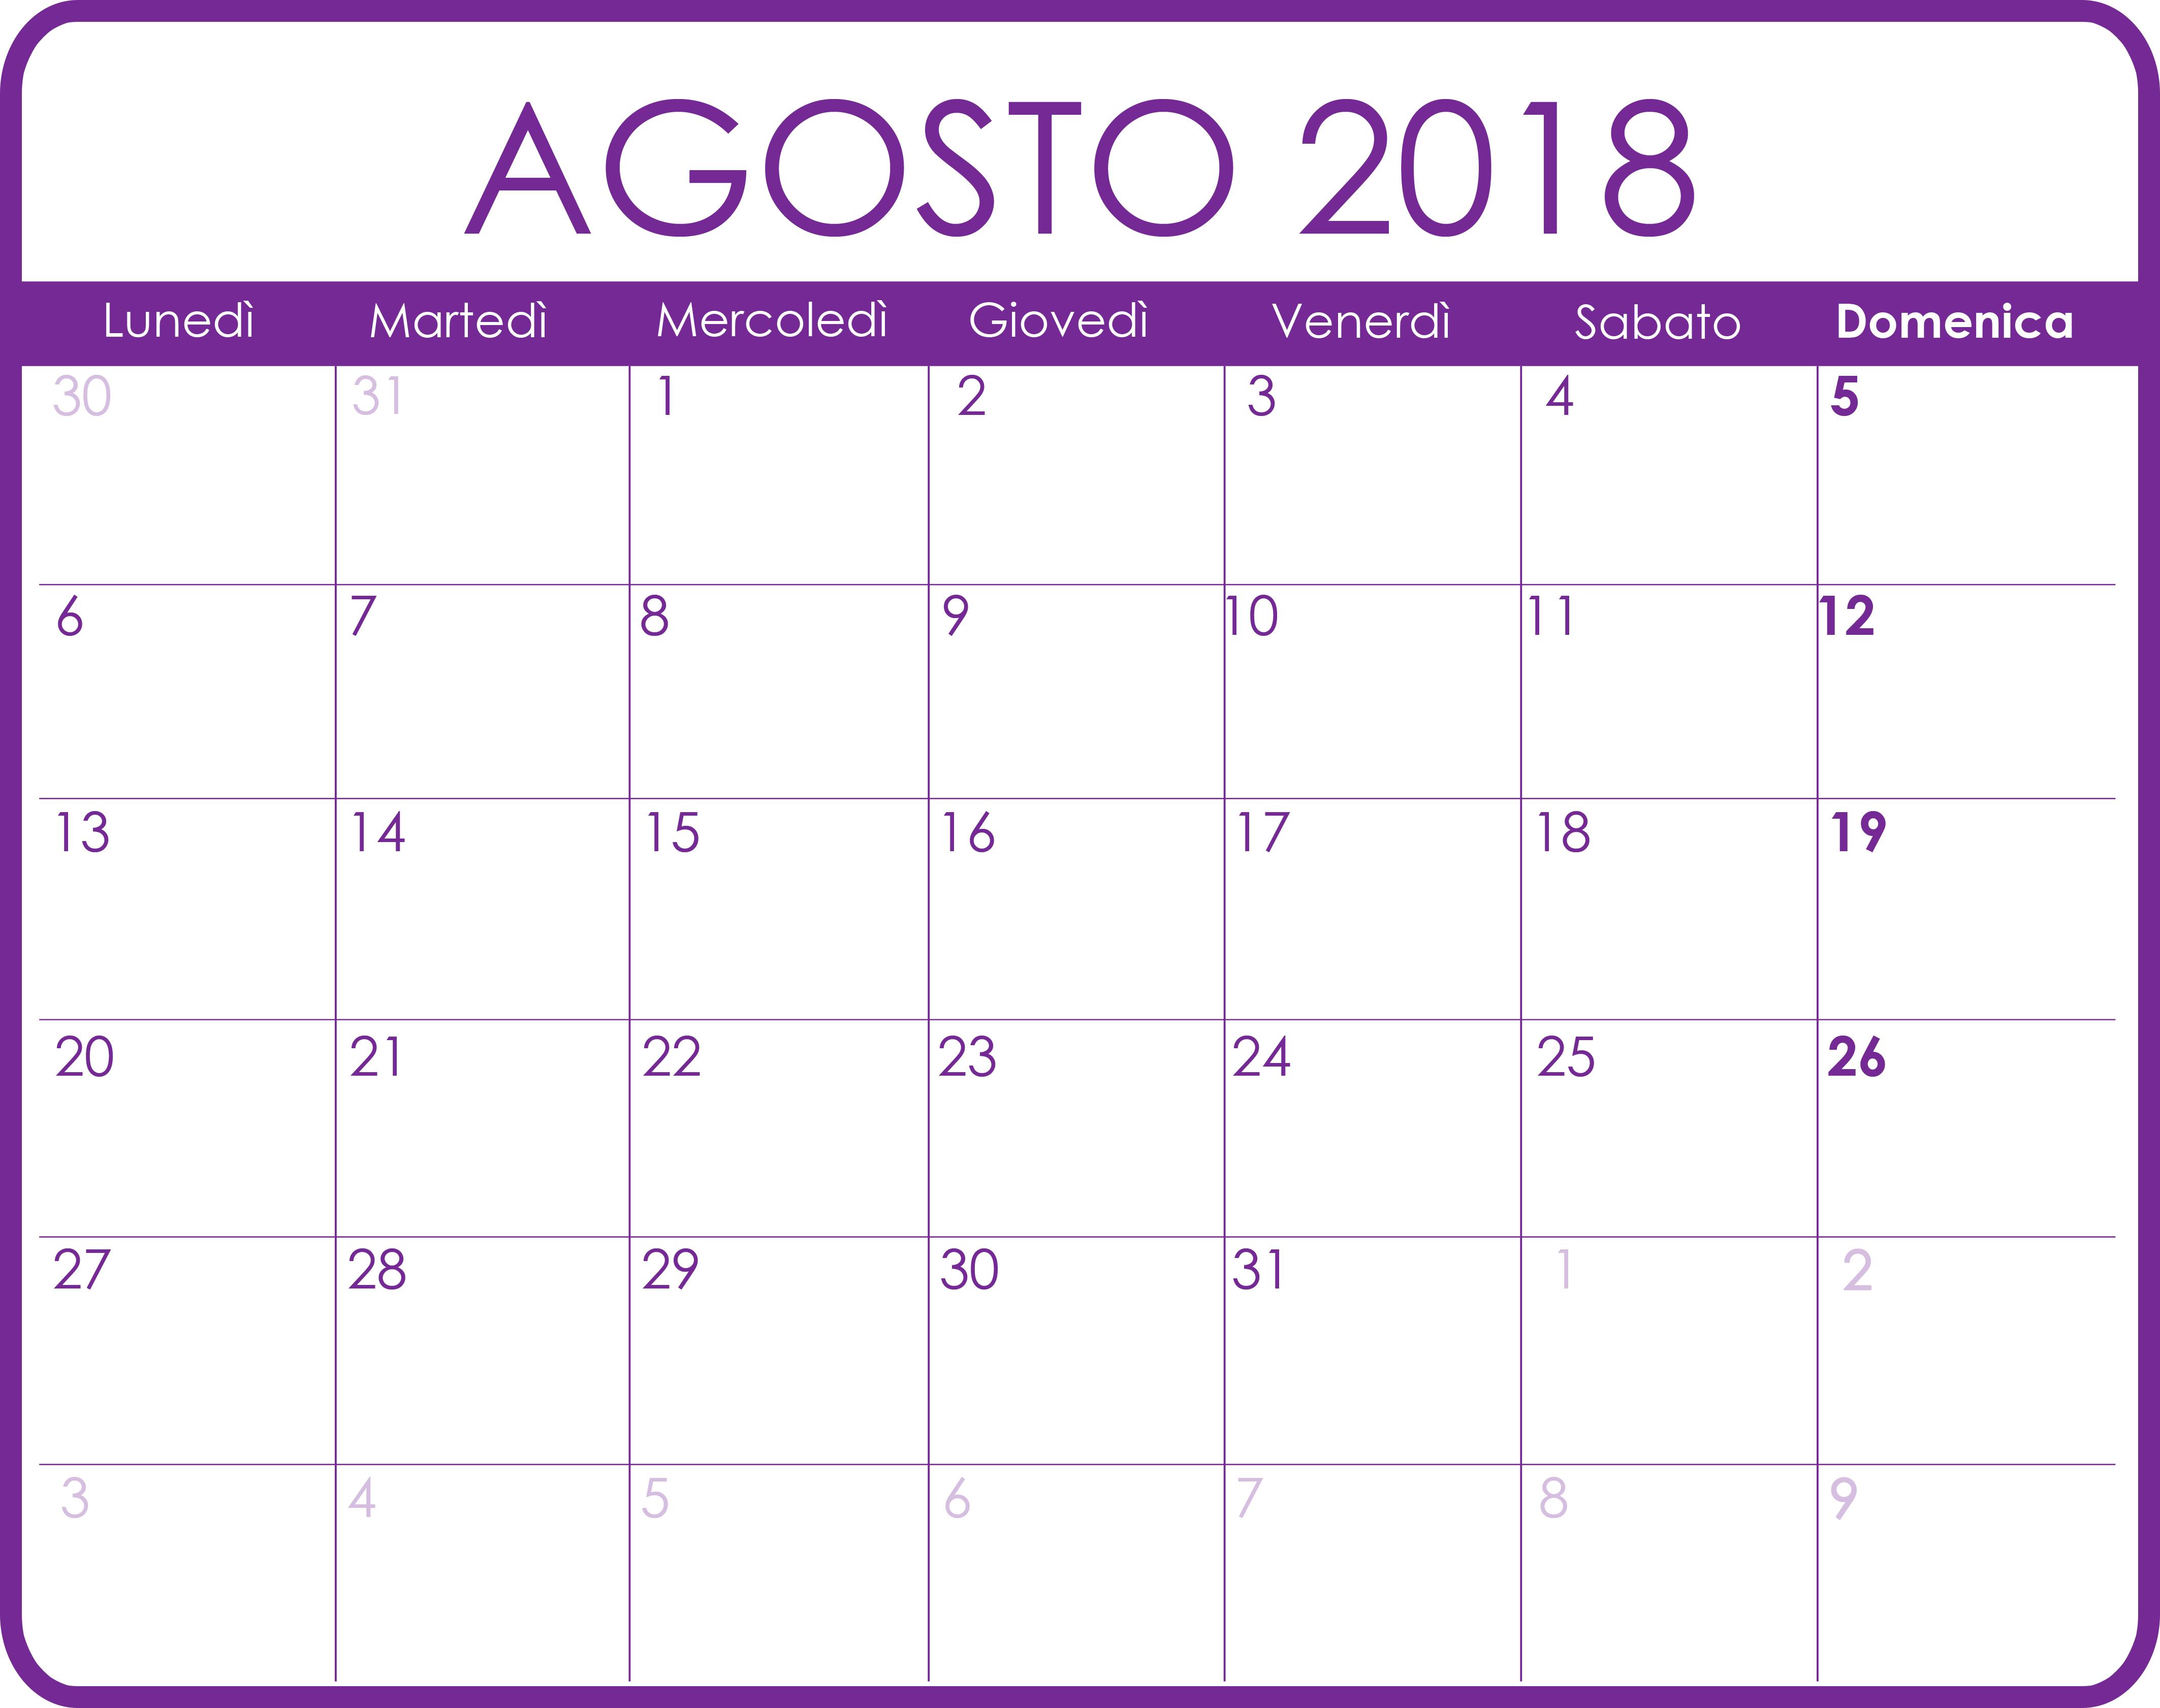 Calendario agosto 2018 calendario agosto 2018 pdf word for En agosto cumplo anos